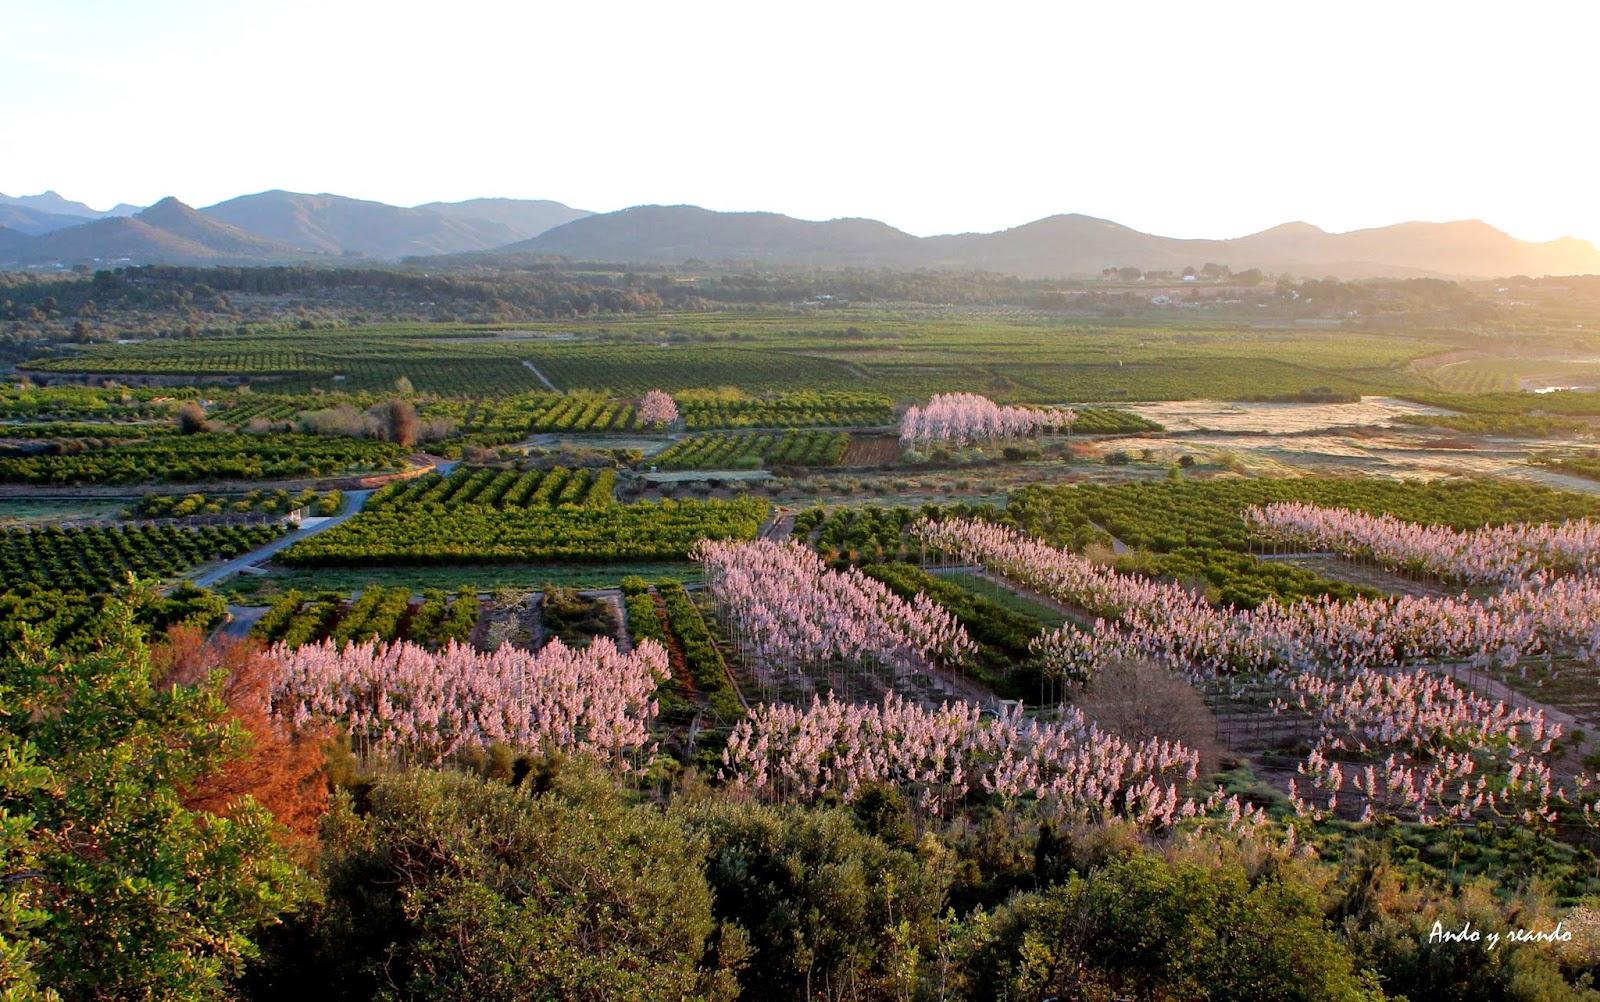 Vistas a los cerezos en flor en la Sierra Calderona-Valencia